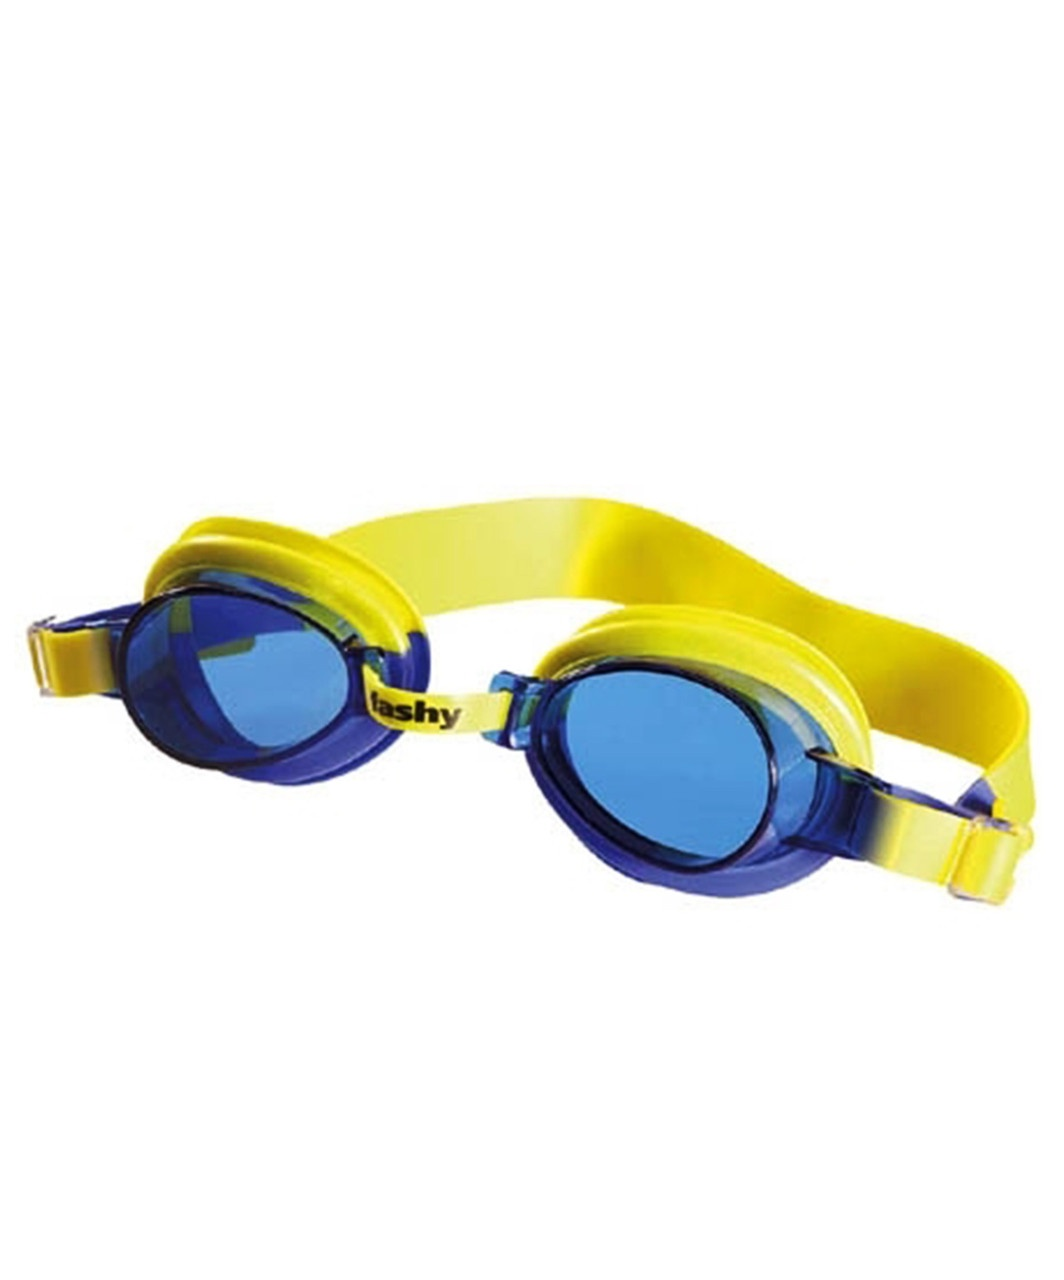 цена Очки для плавания детские FASHY TOP Junior, 4105-77, желтый, синий онлайн в 2017 году